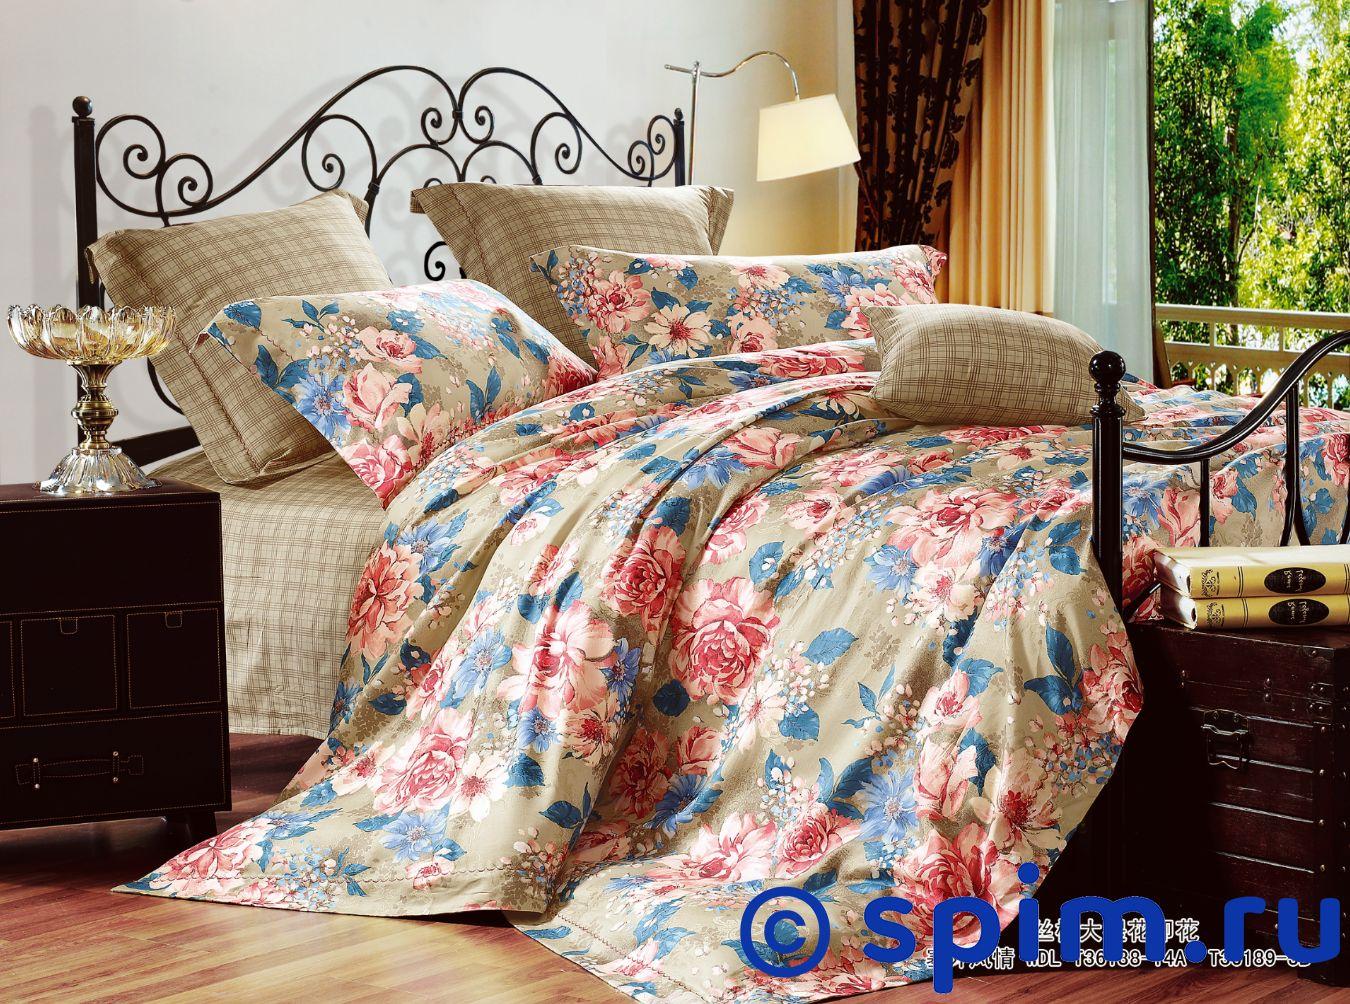 Постельное белье СайлиД Т41 Евро-стандарт постельное белье мартекс кпб печать атлас аурель шоколад евро